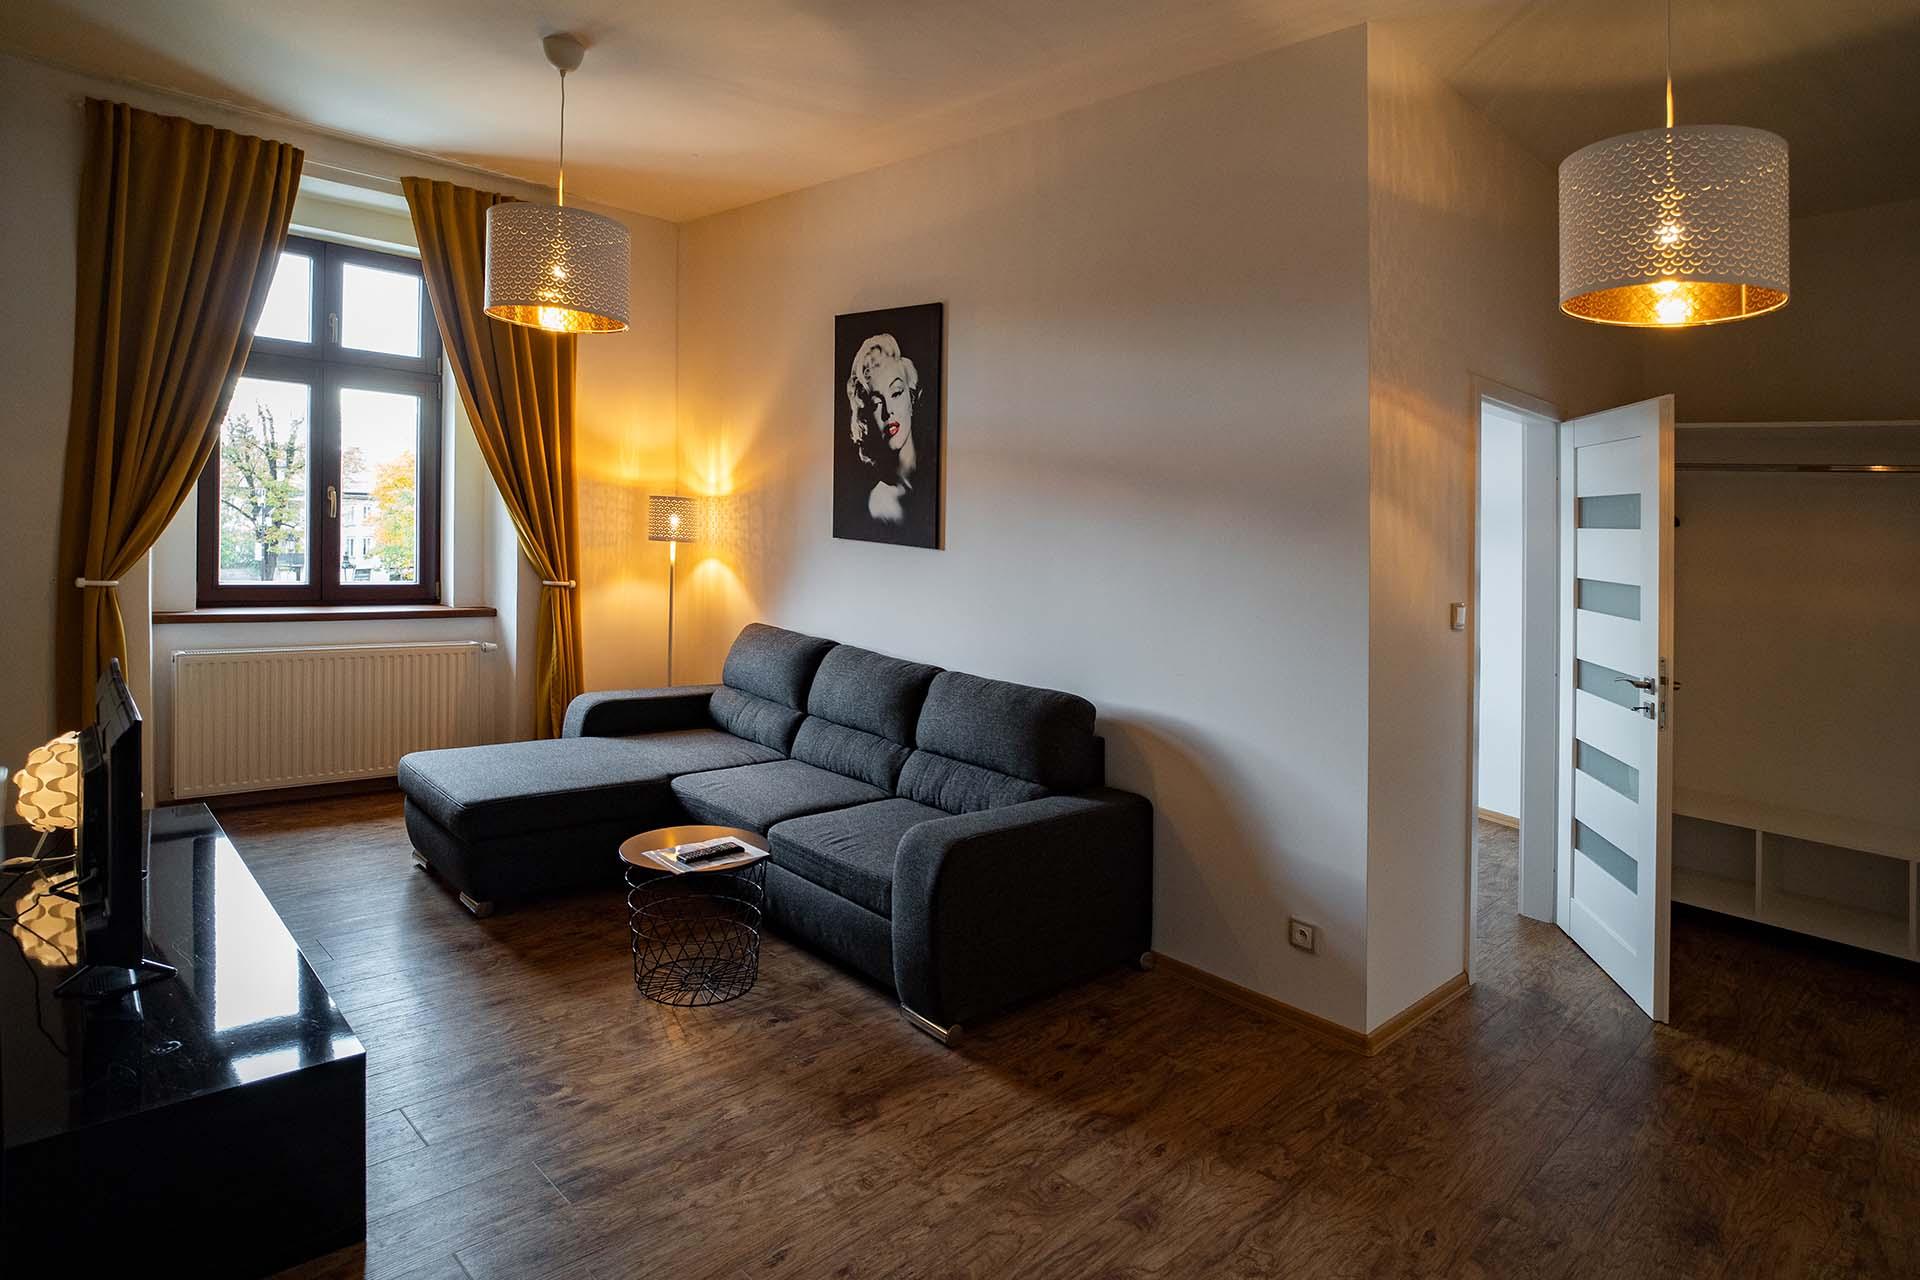 apartmany-obrazek-1